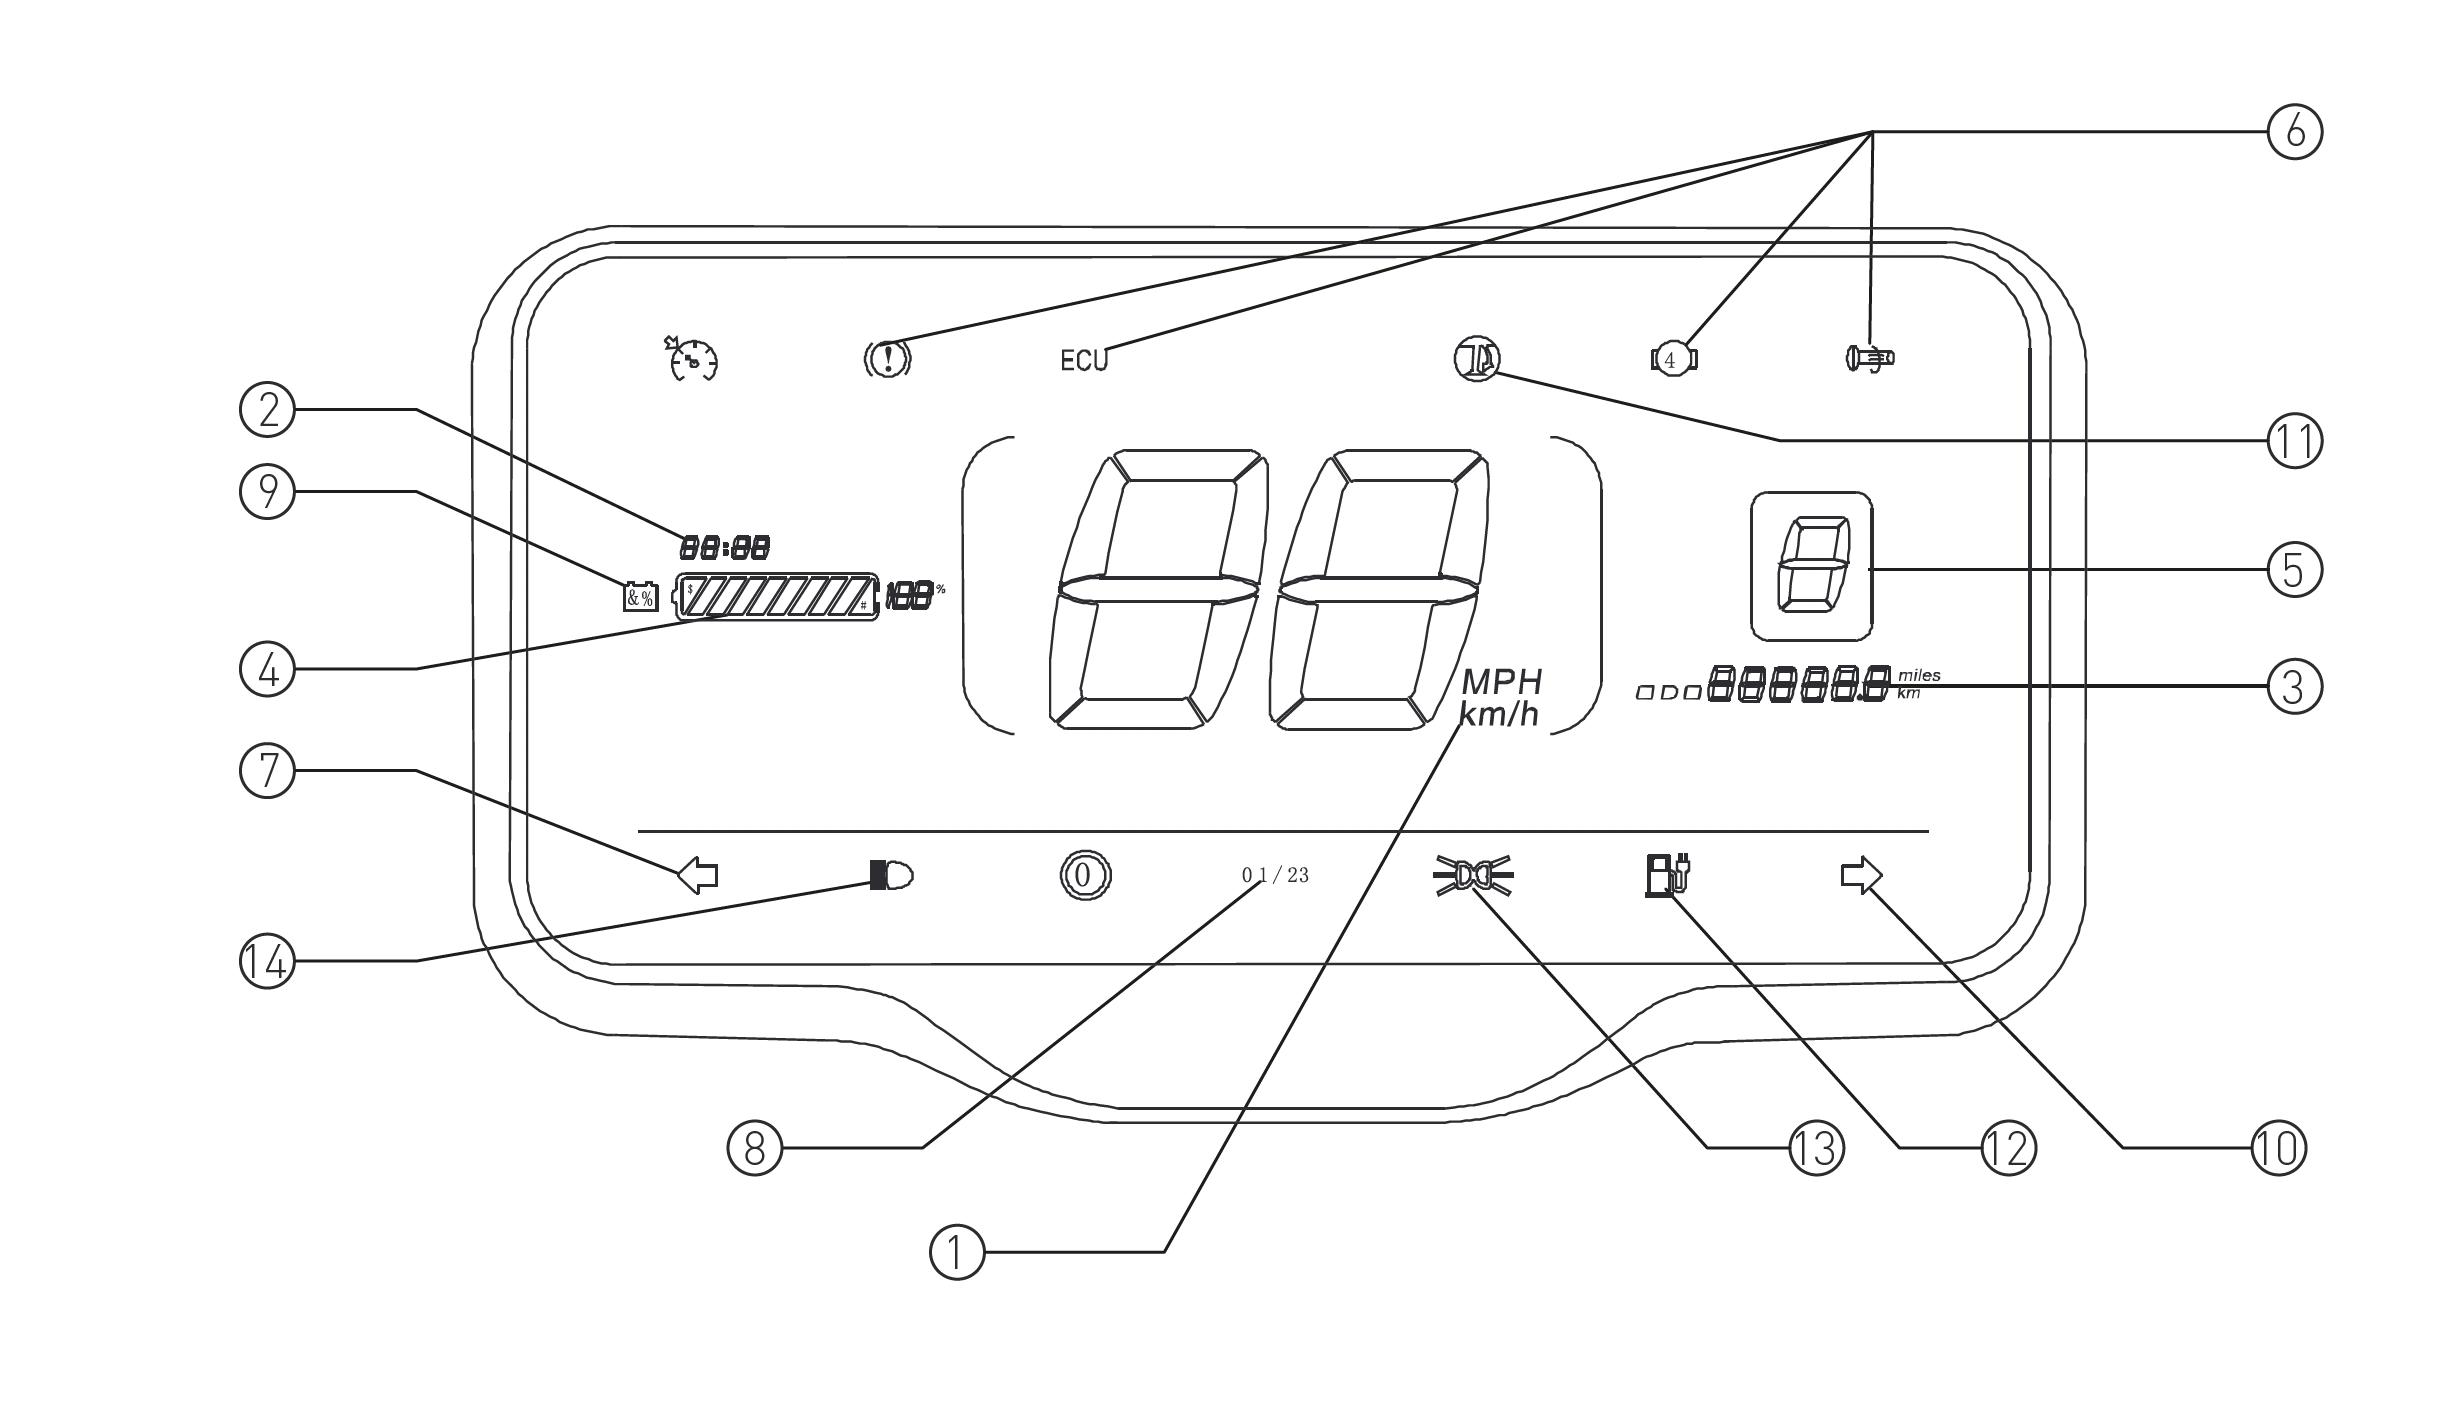 Tacho des Nova Motors S5 Elektro-Motorrollers